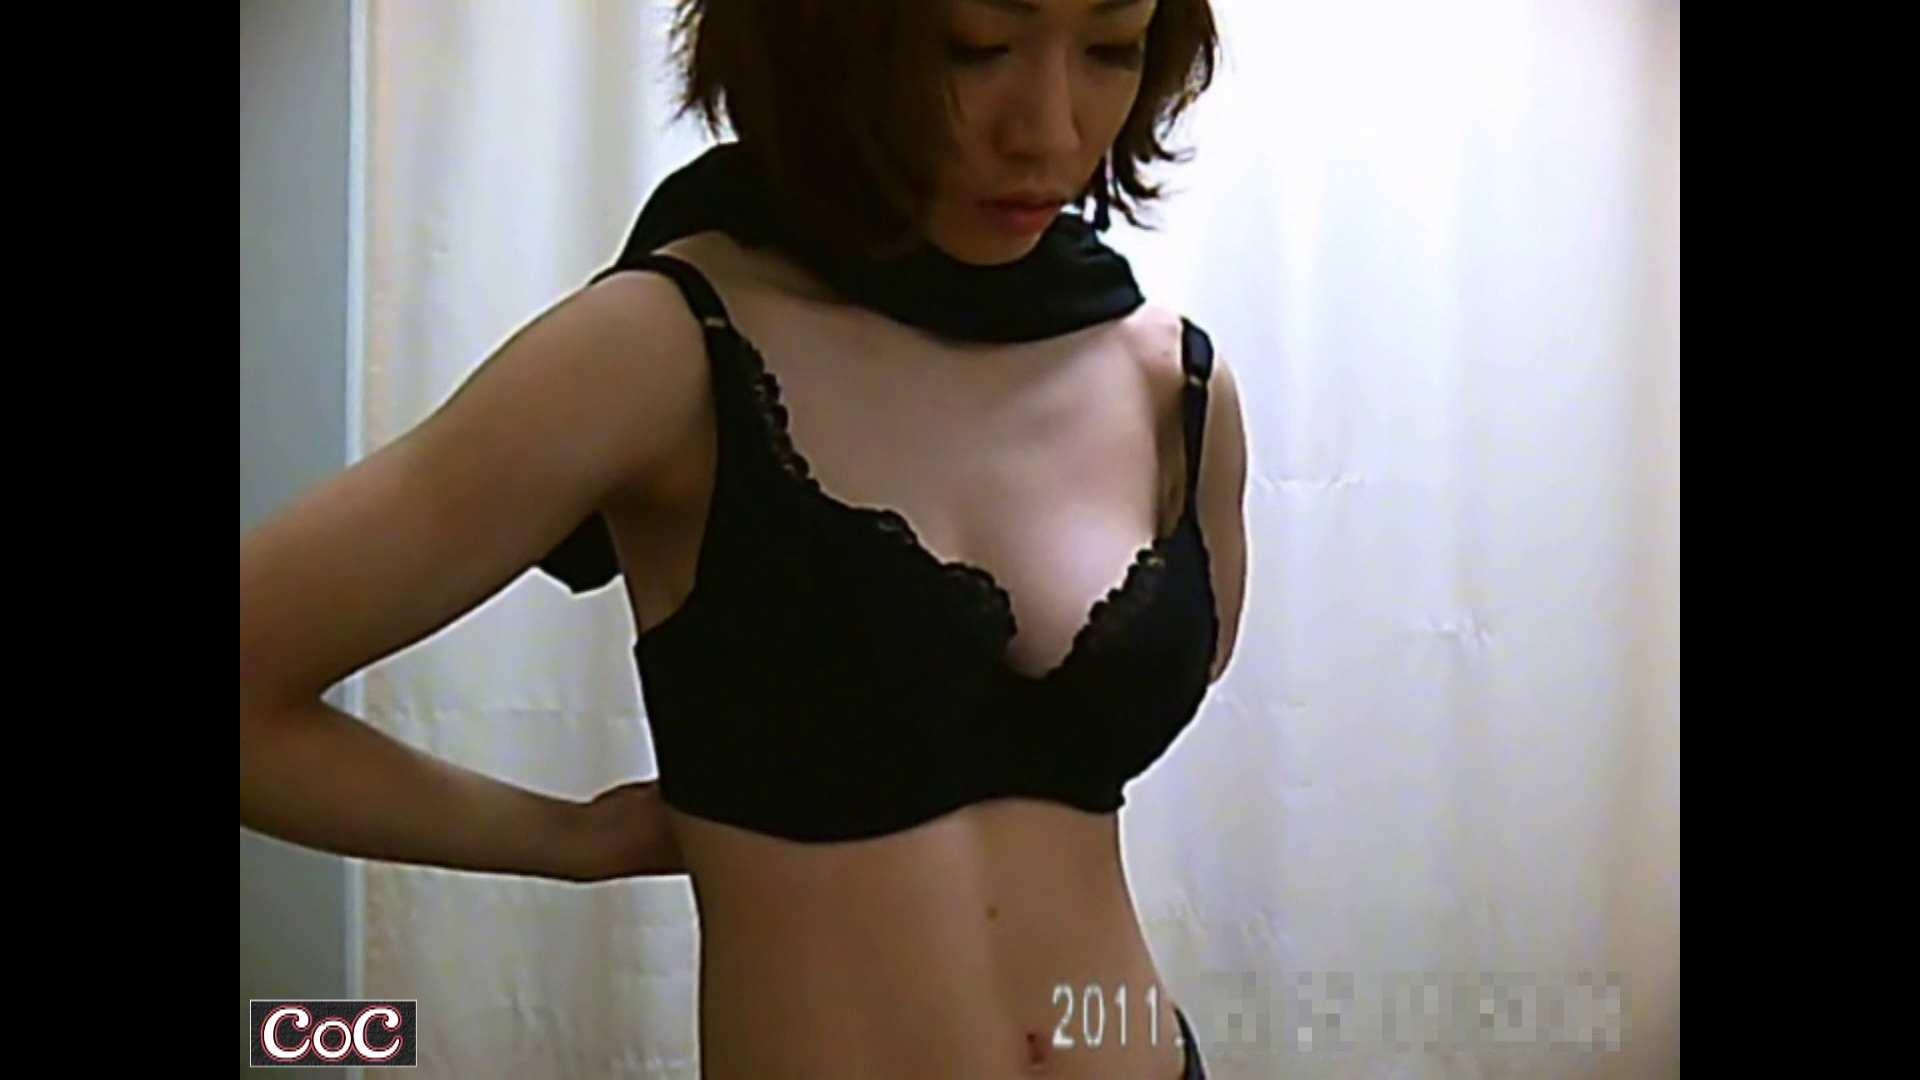 元医者による反抗 更衣室地獄絵巻 vol.156 OL | 0  64連発 1